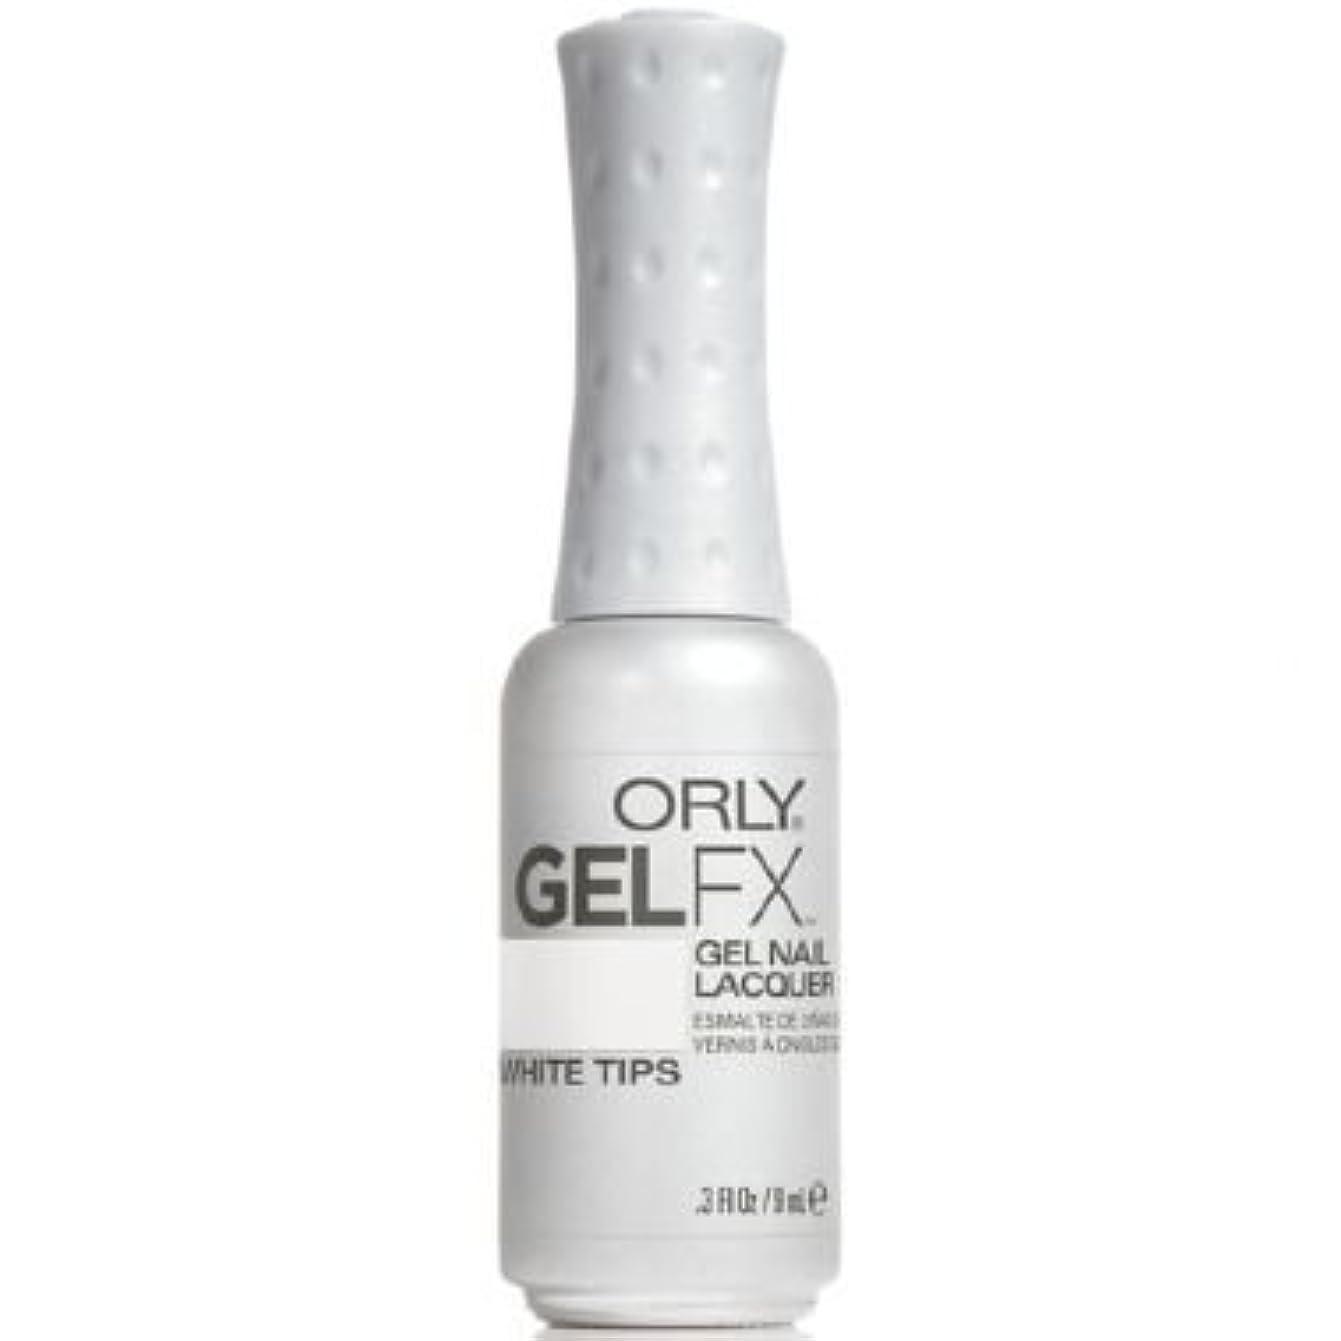 研究所恐竜接地Orly Gel FX Gel UV Vernis à Ongles/ Gel Polish - White Tips 9ml